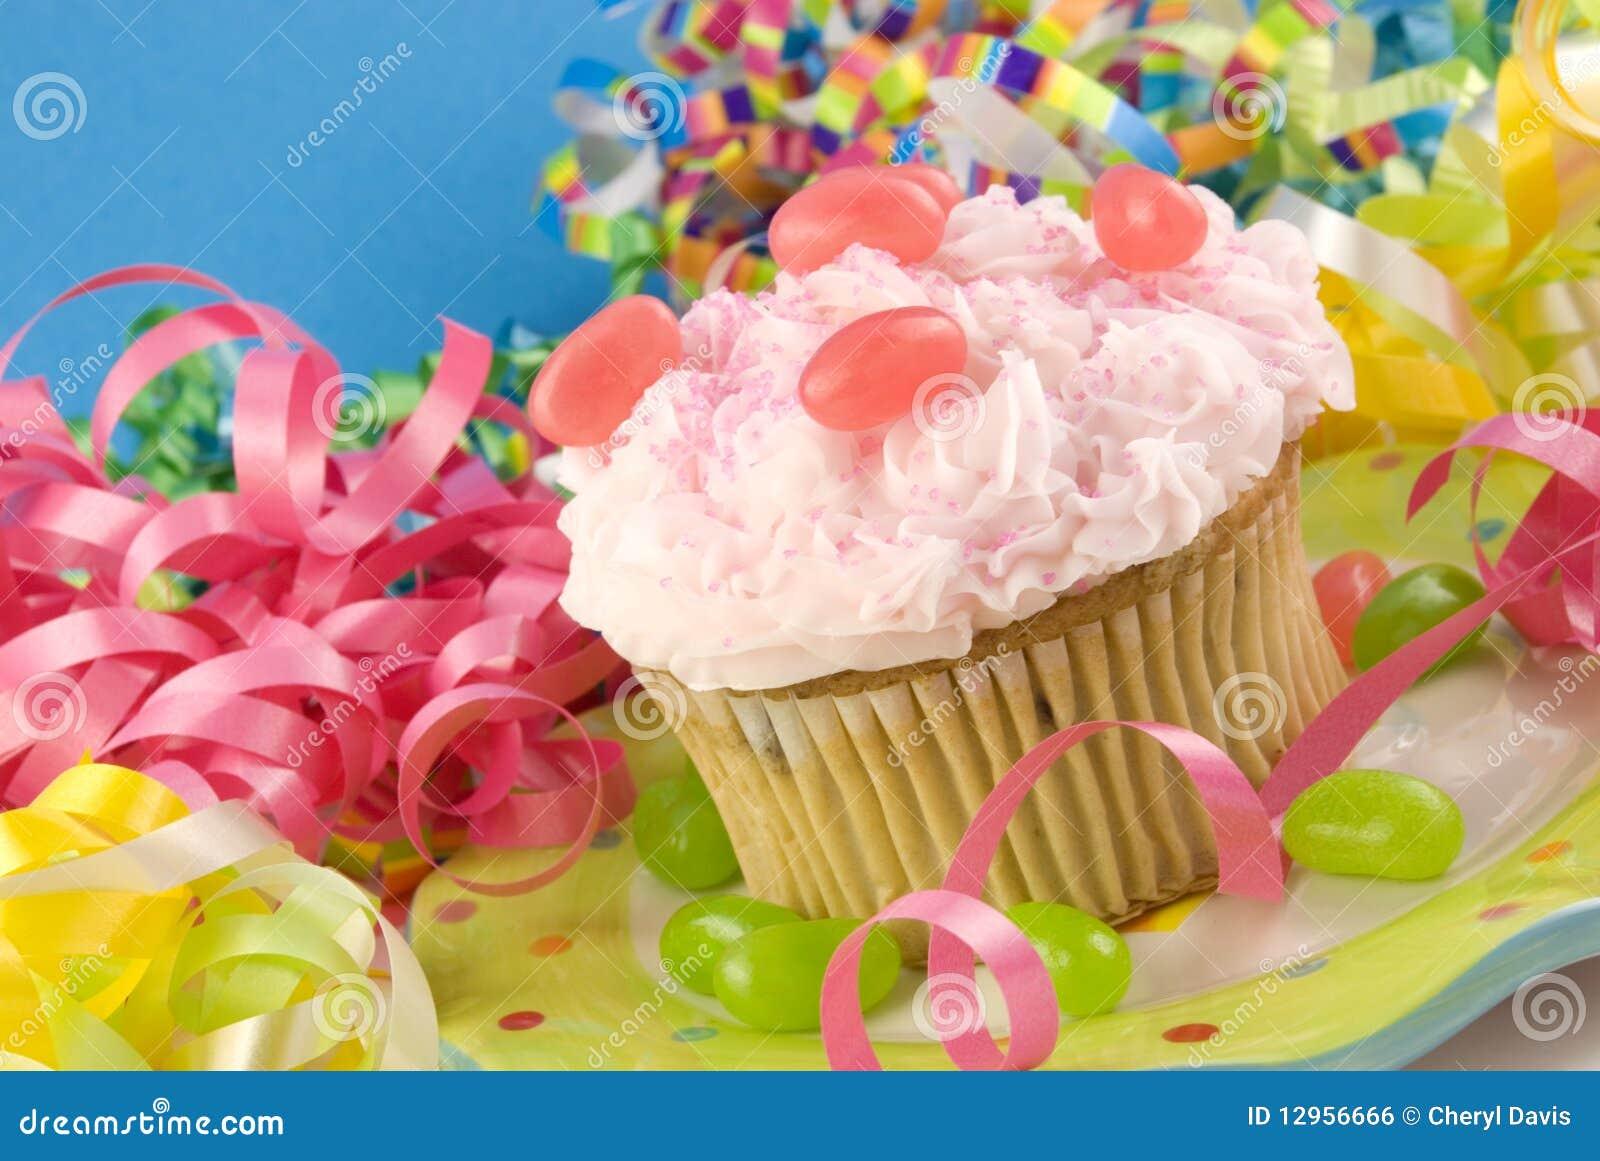 生日五颜六色的杯形蛋糕装饰